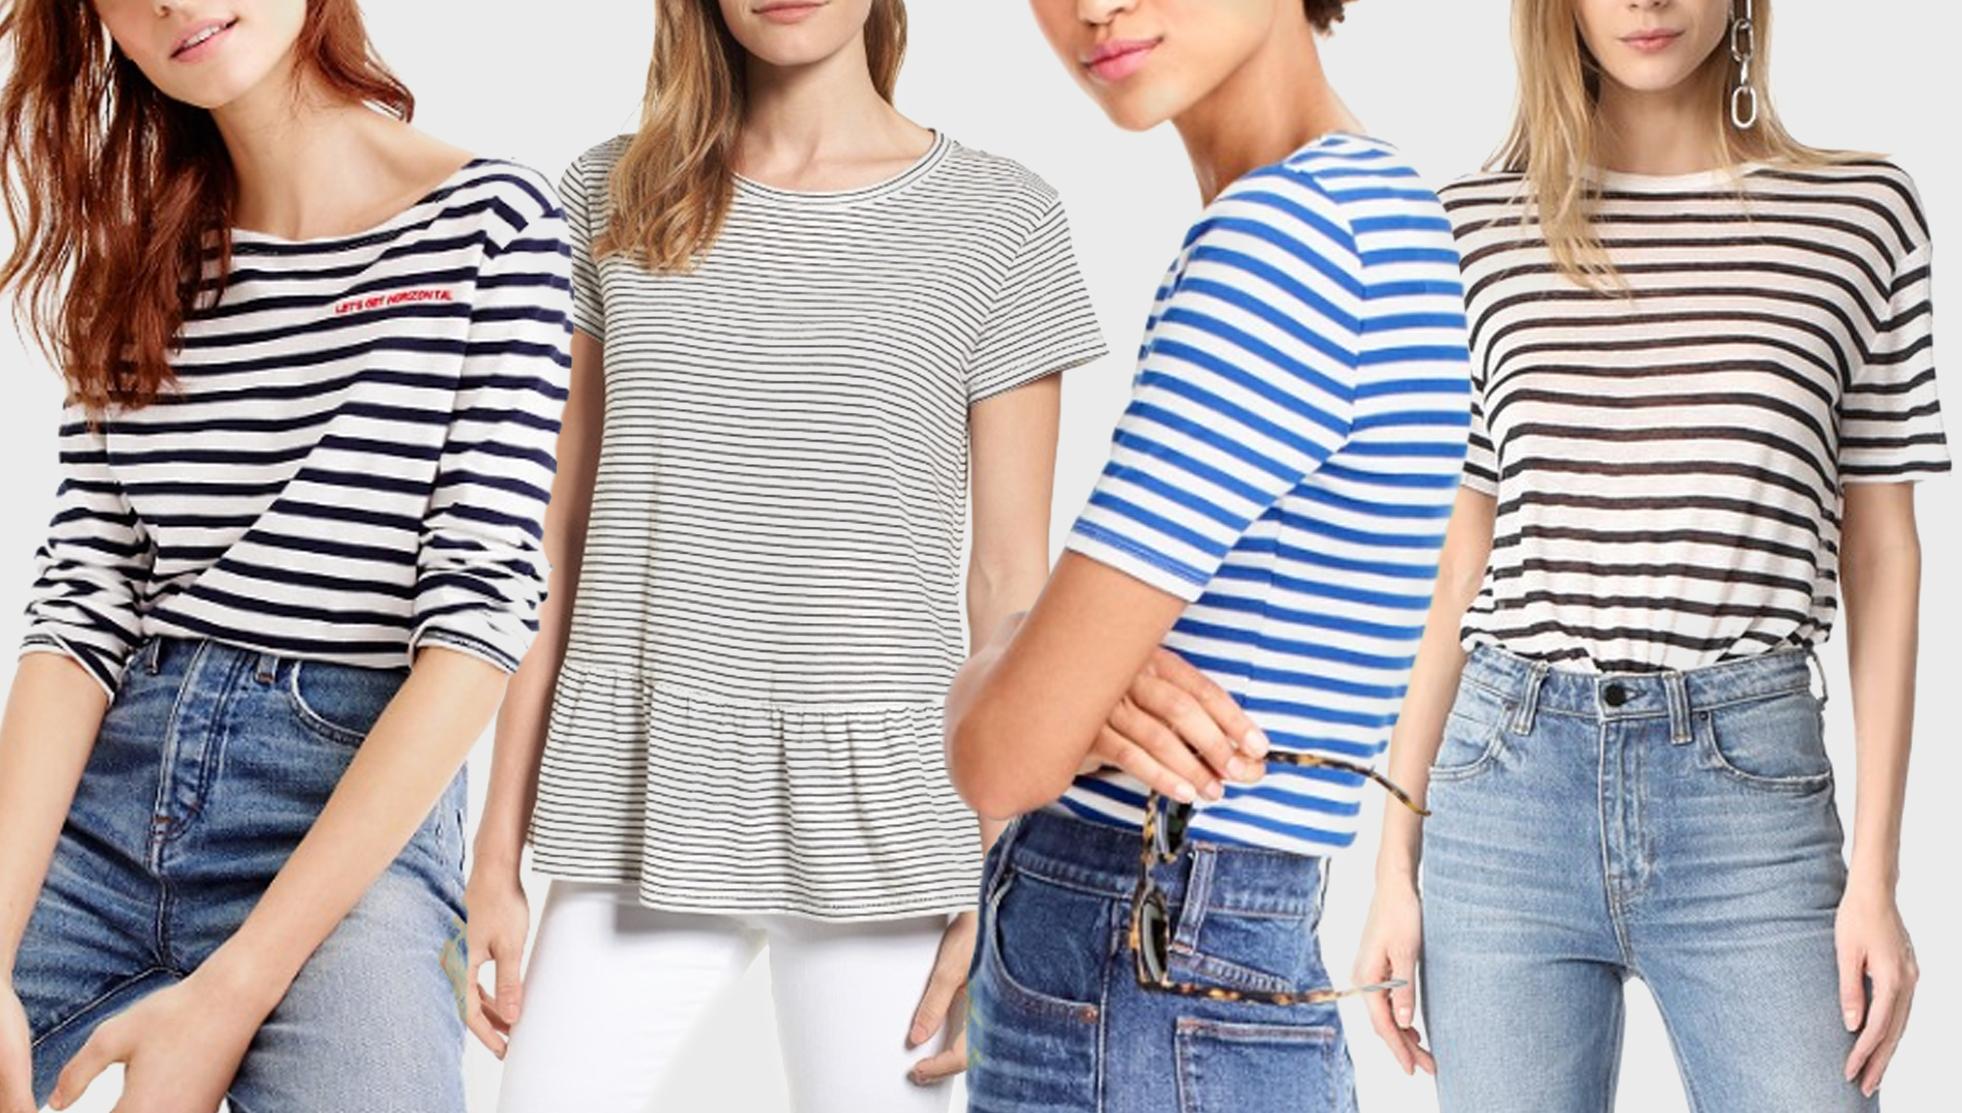 stripe tops blair eadie atlantic-pacific